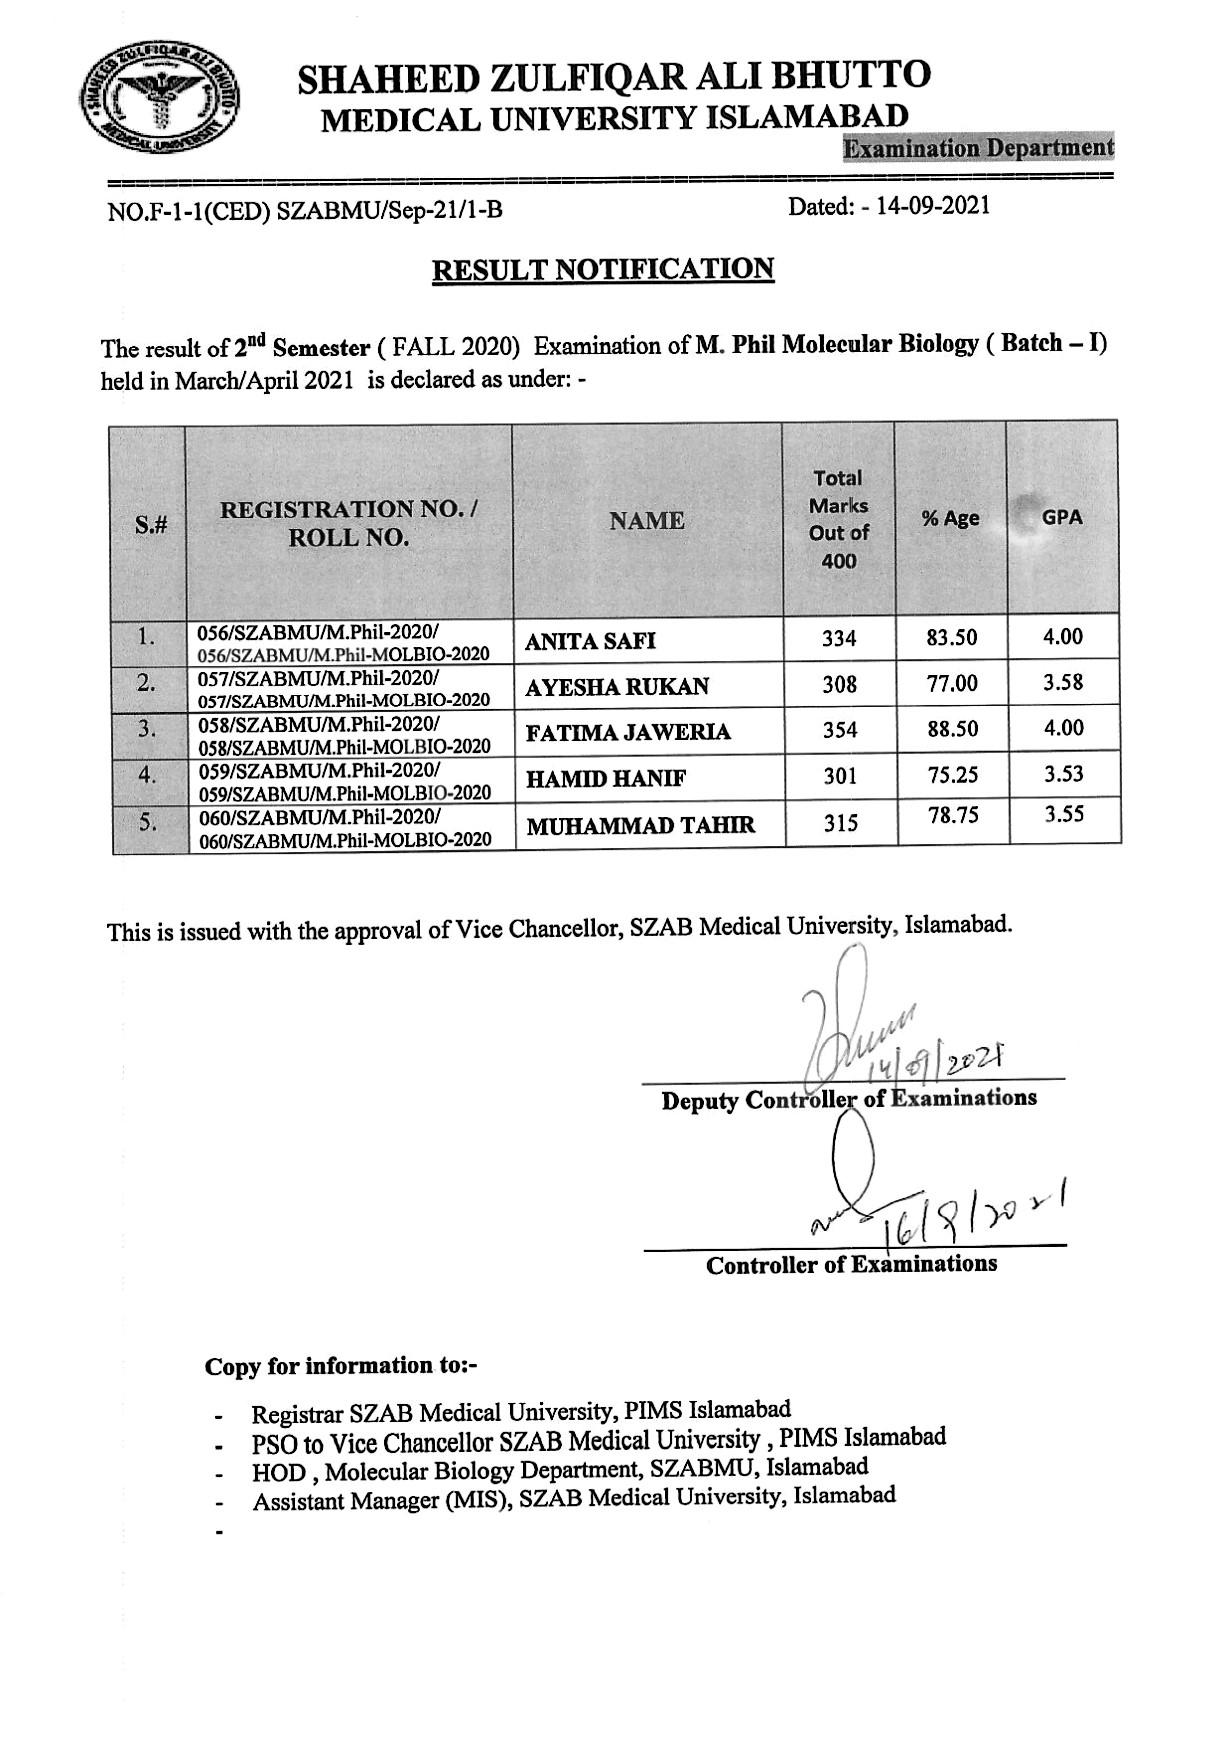 Result Notification - M.Phil. Molecular Biology